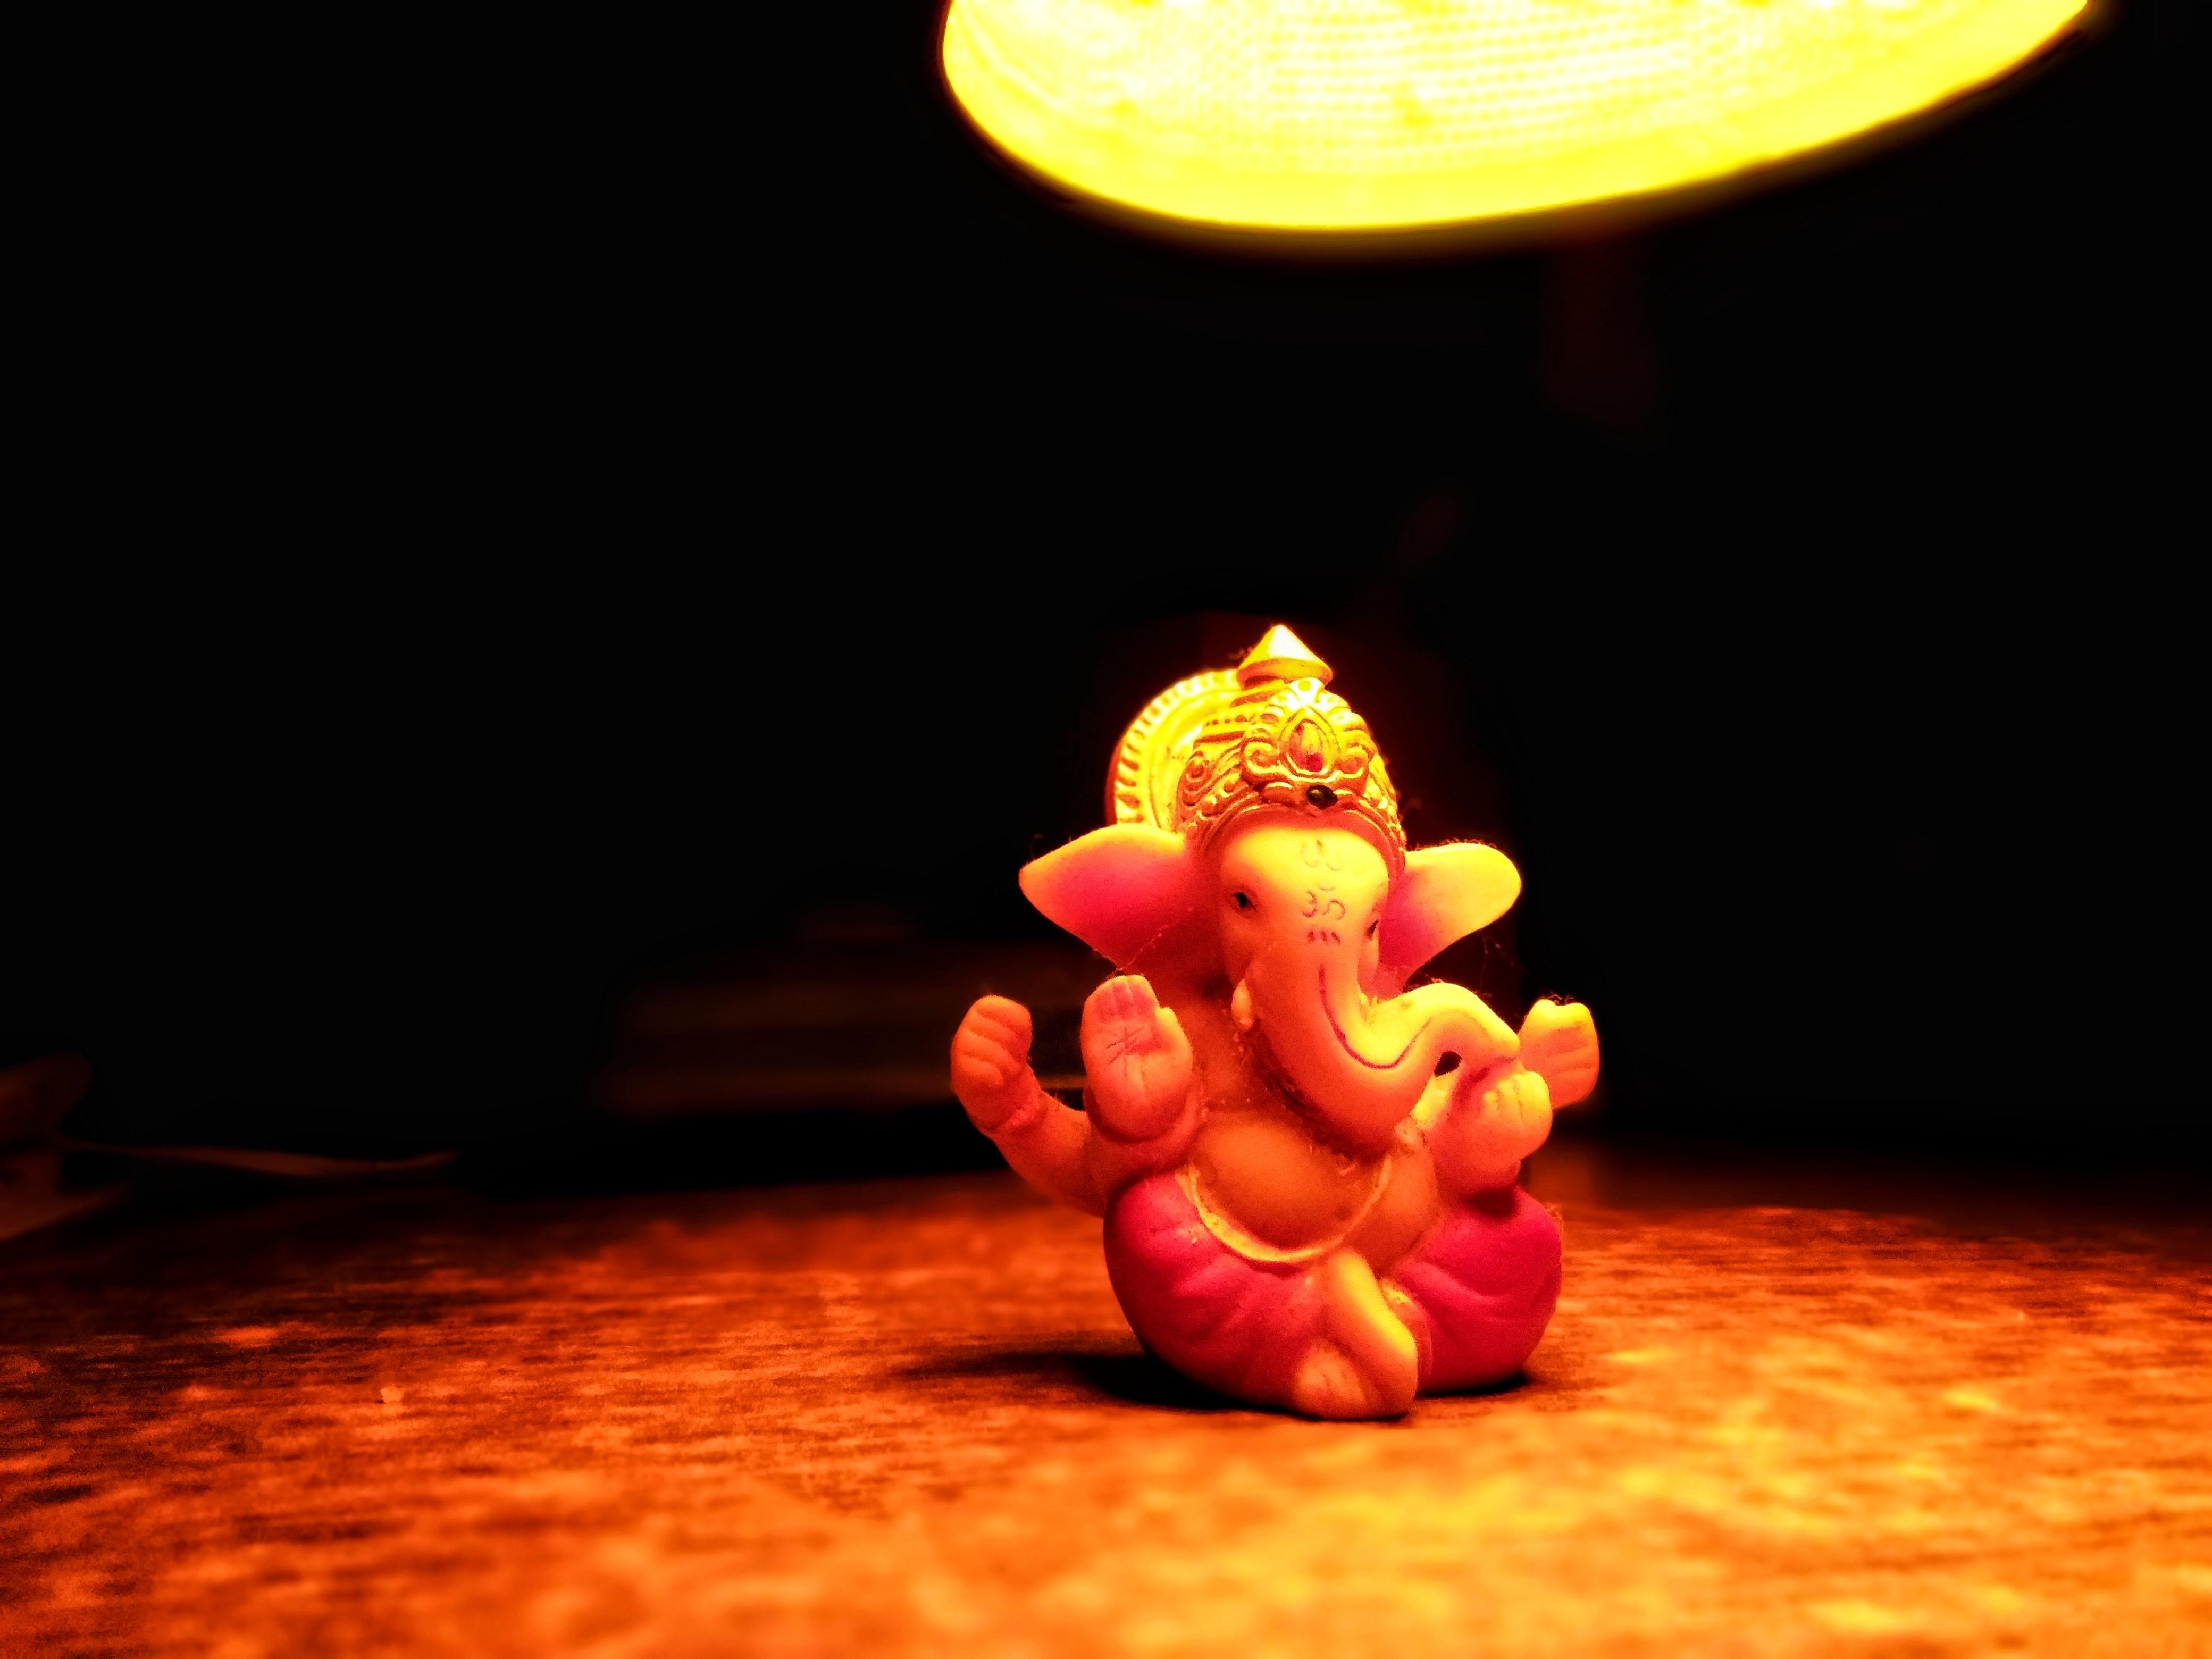 PunjabKesari, Ganesh Ji, Lord Ganesha, भगवान गणेश